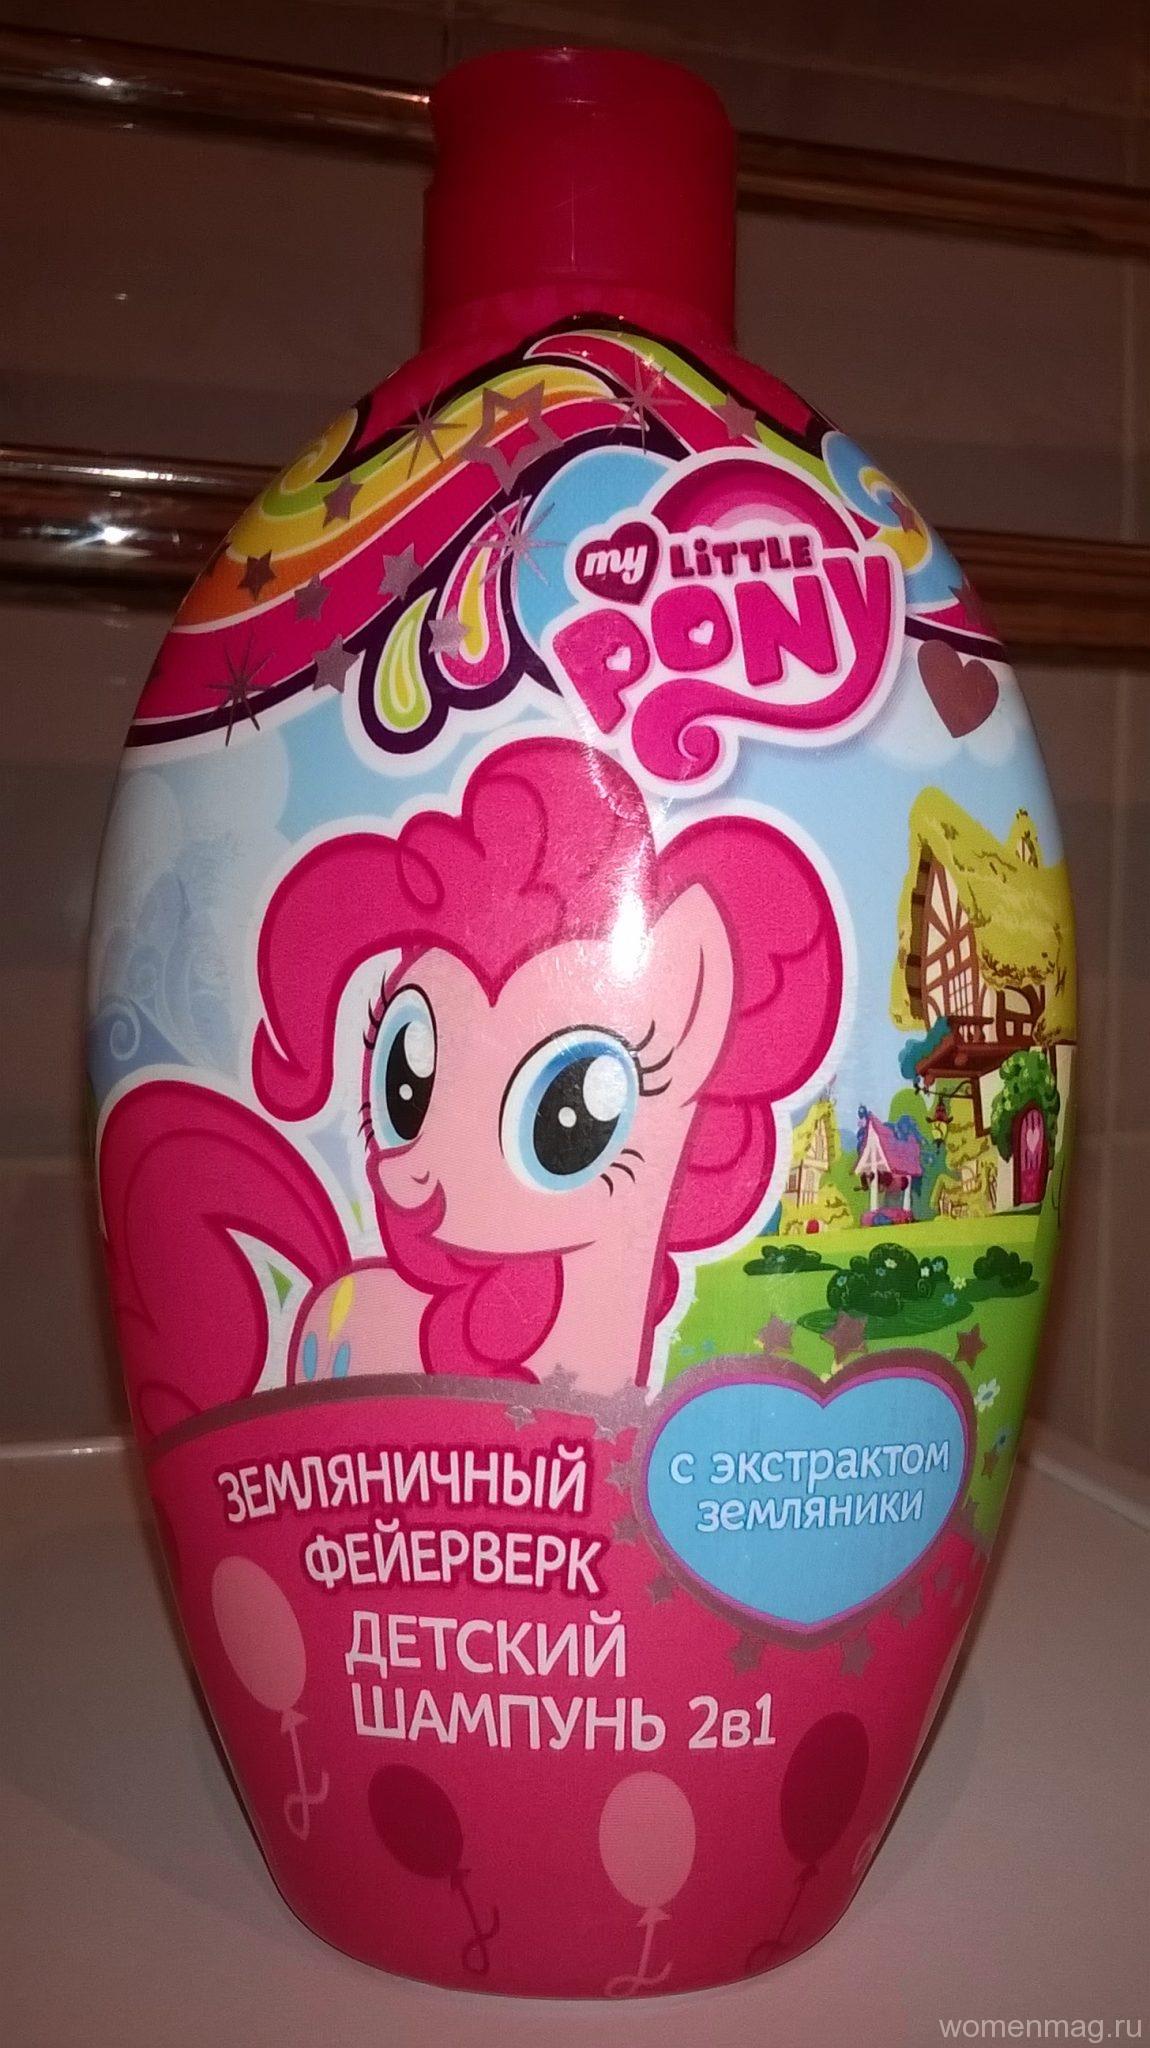 Отзыв на детский шампунь 2 в 1 «Земляничный фейерверк» от My Little Pony